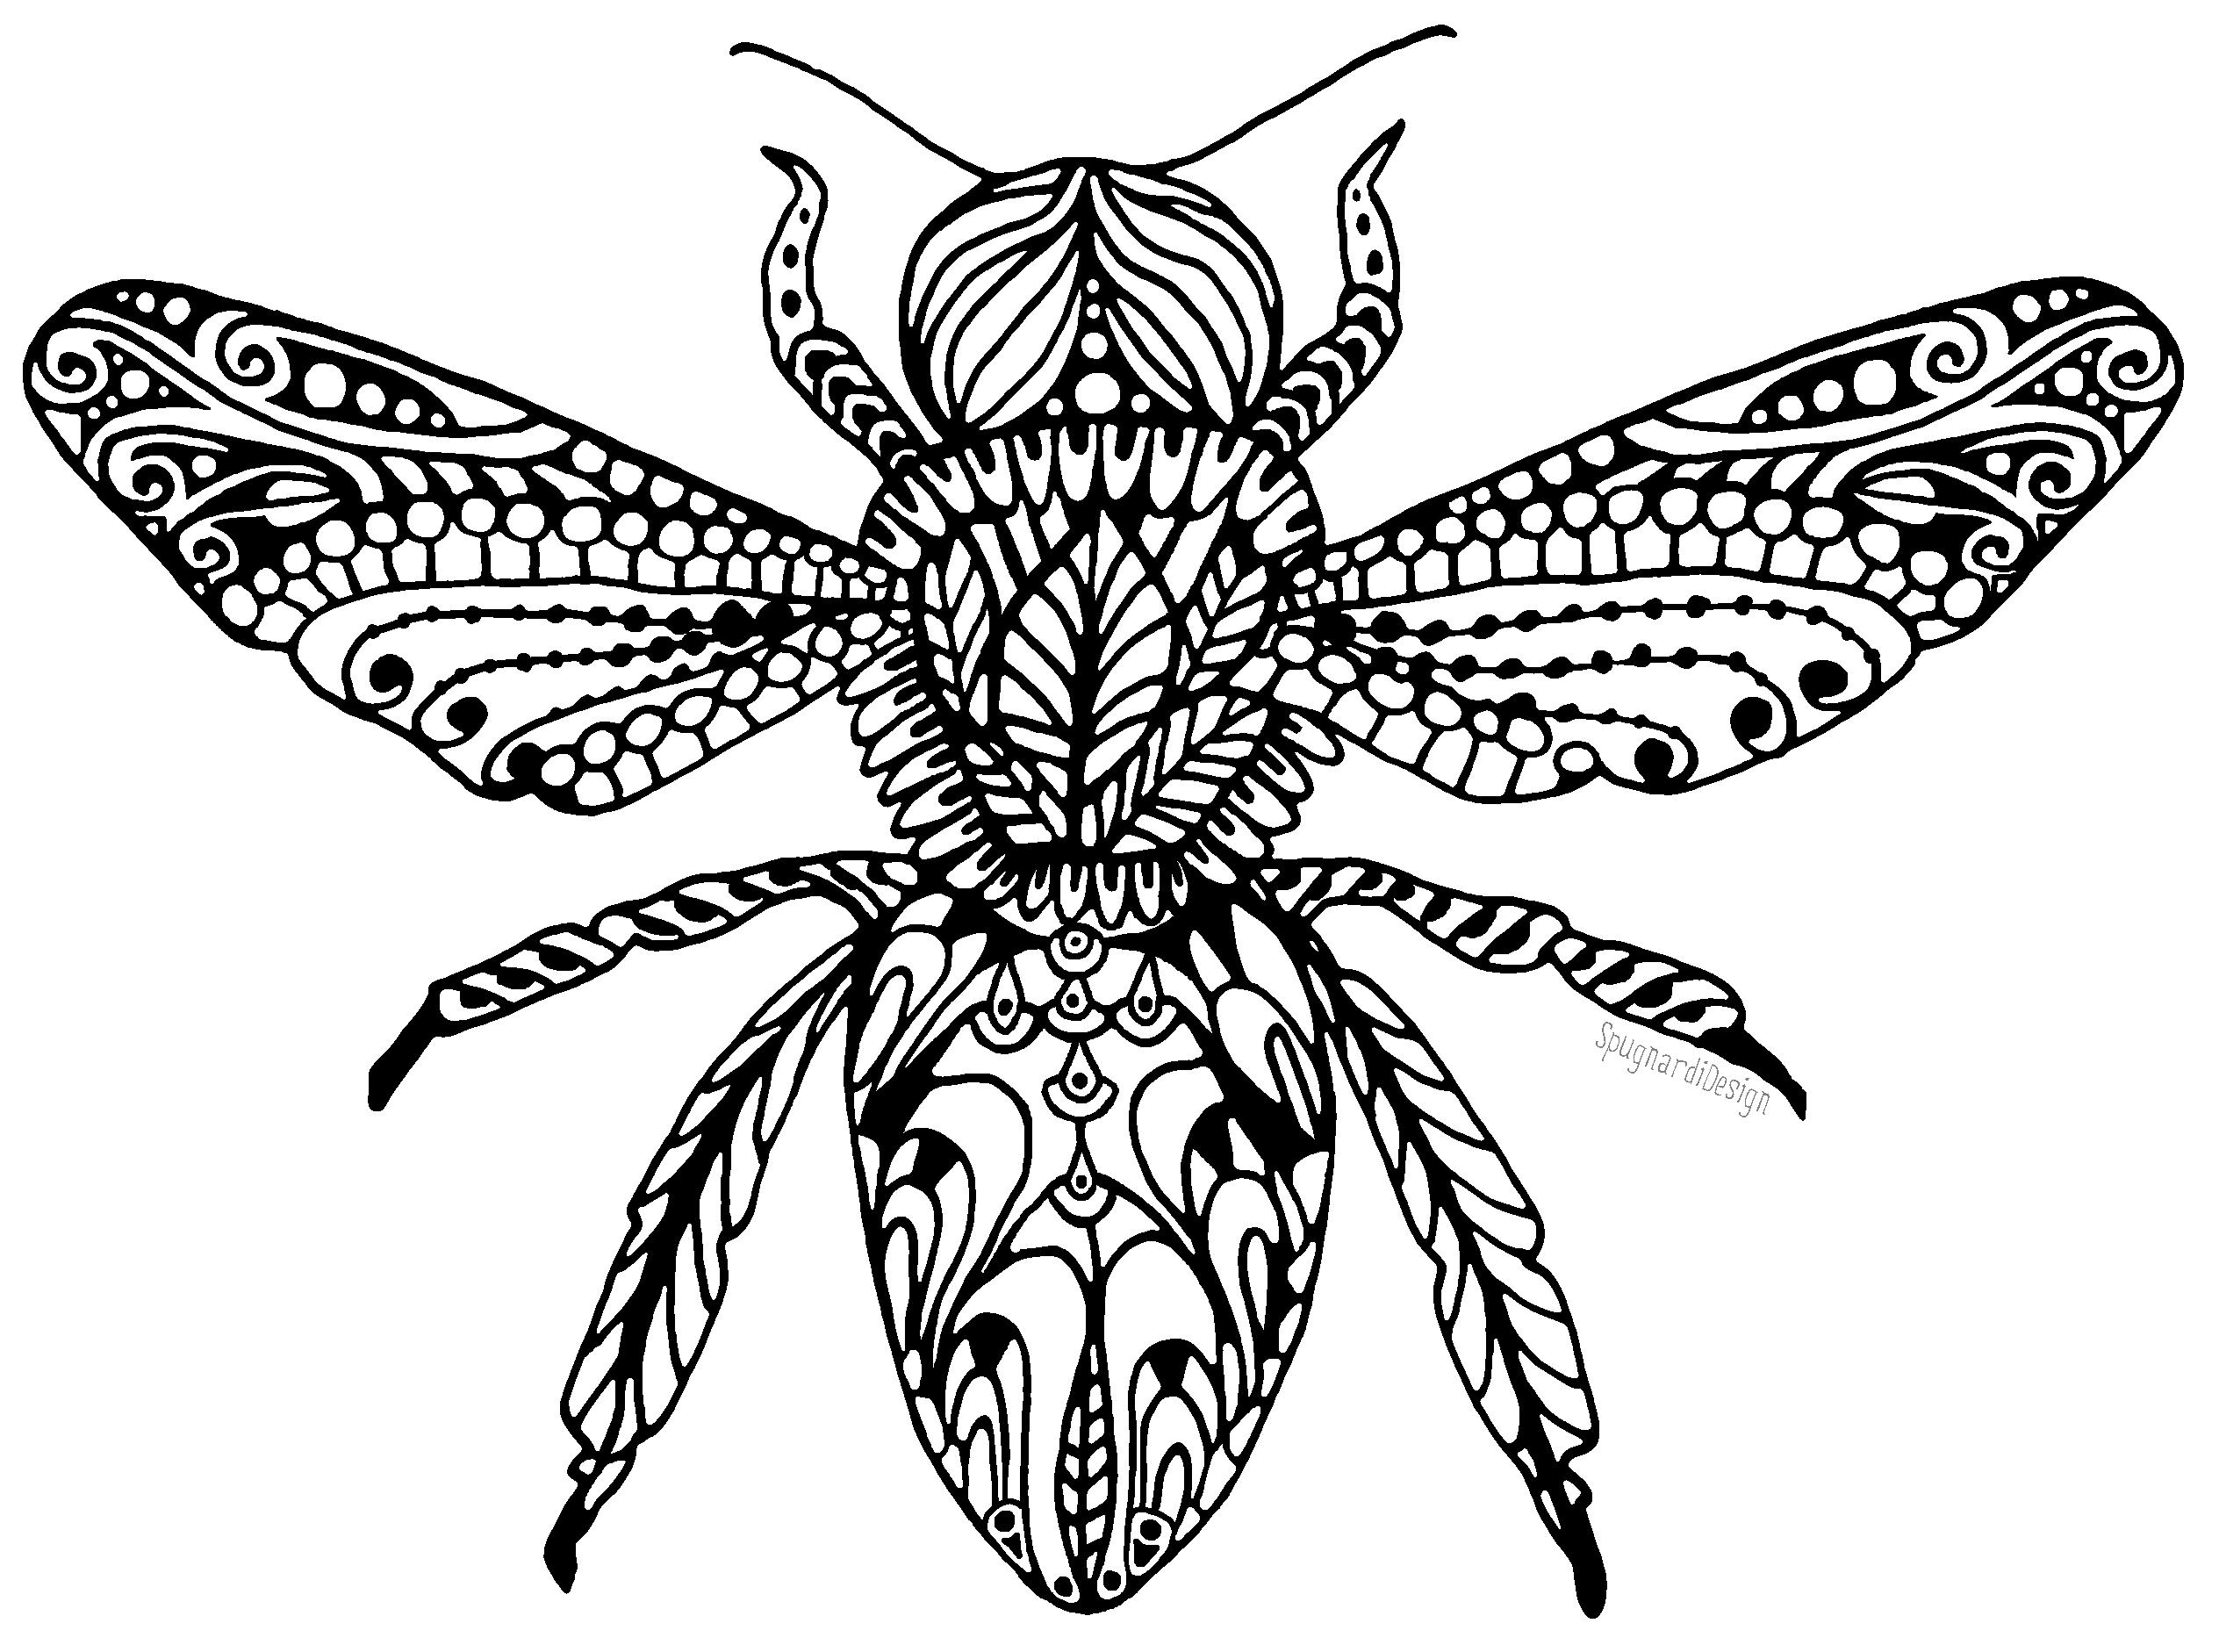 Zen doodle colour - Zen Doodle Honey Bee Honeybees Savethehoneybee Zendoodle